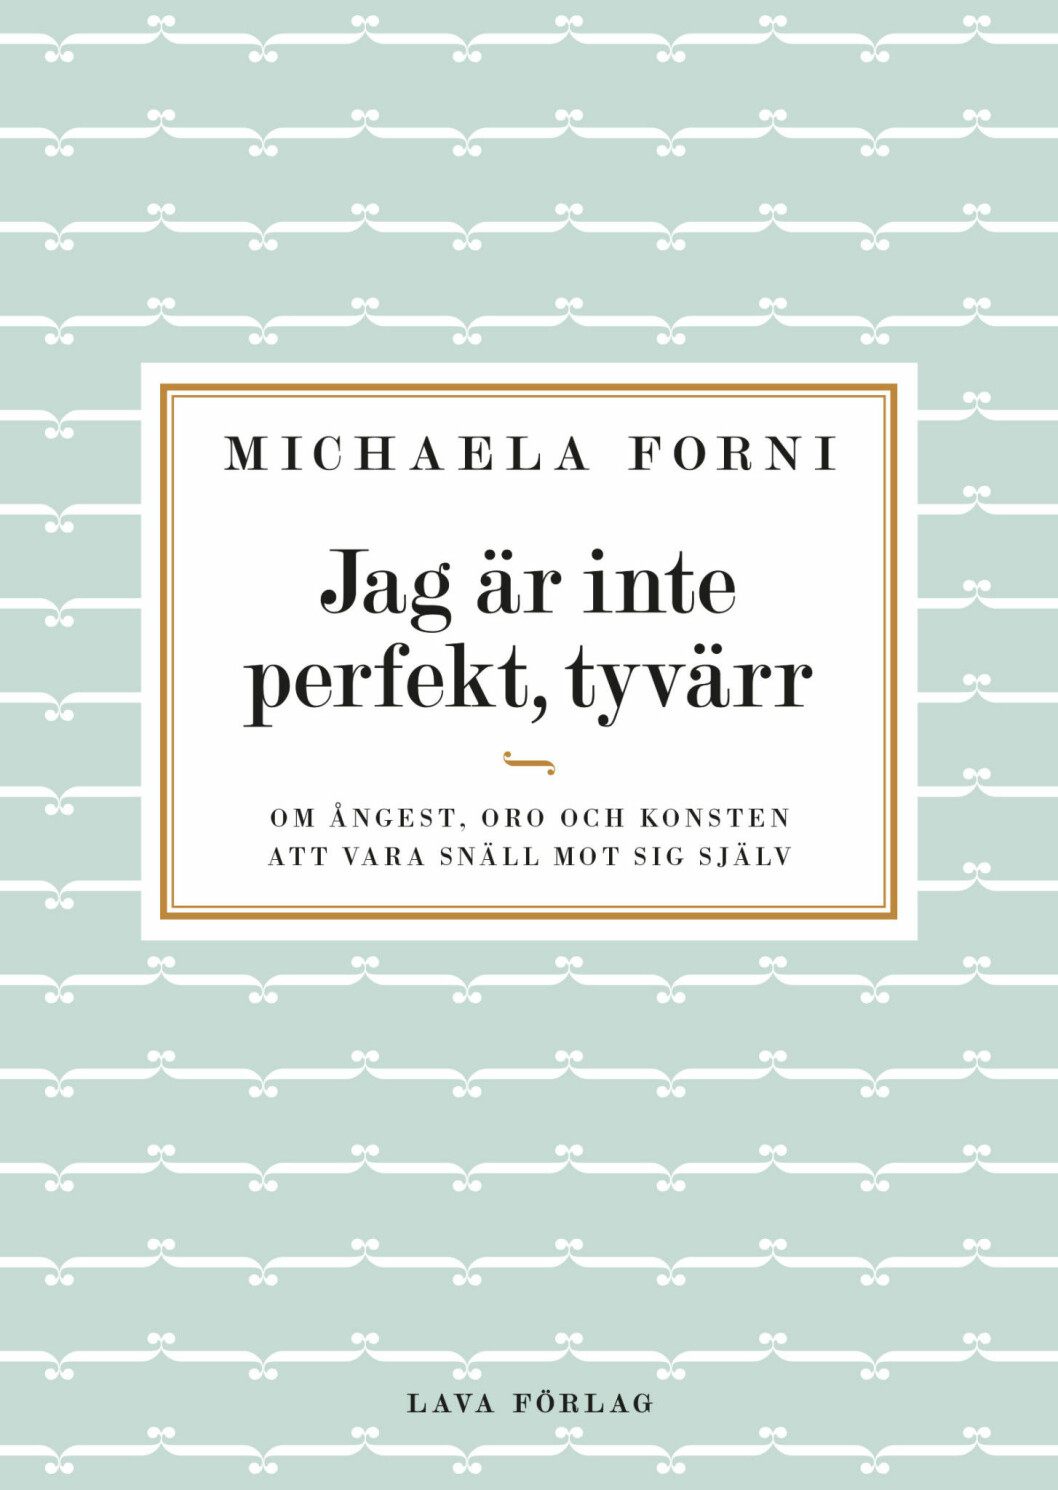 """Michaelas nya bok """"Jag är inte perfekt, tyvärr"""" är en handbok om ångest. Den handlar om hur man hanterar de höga krav som ställs på kvinnor idag."""